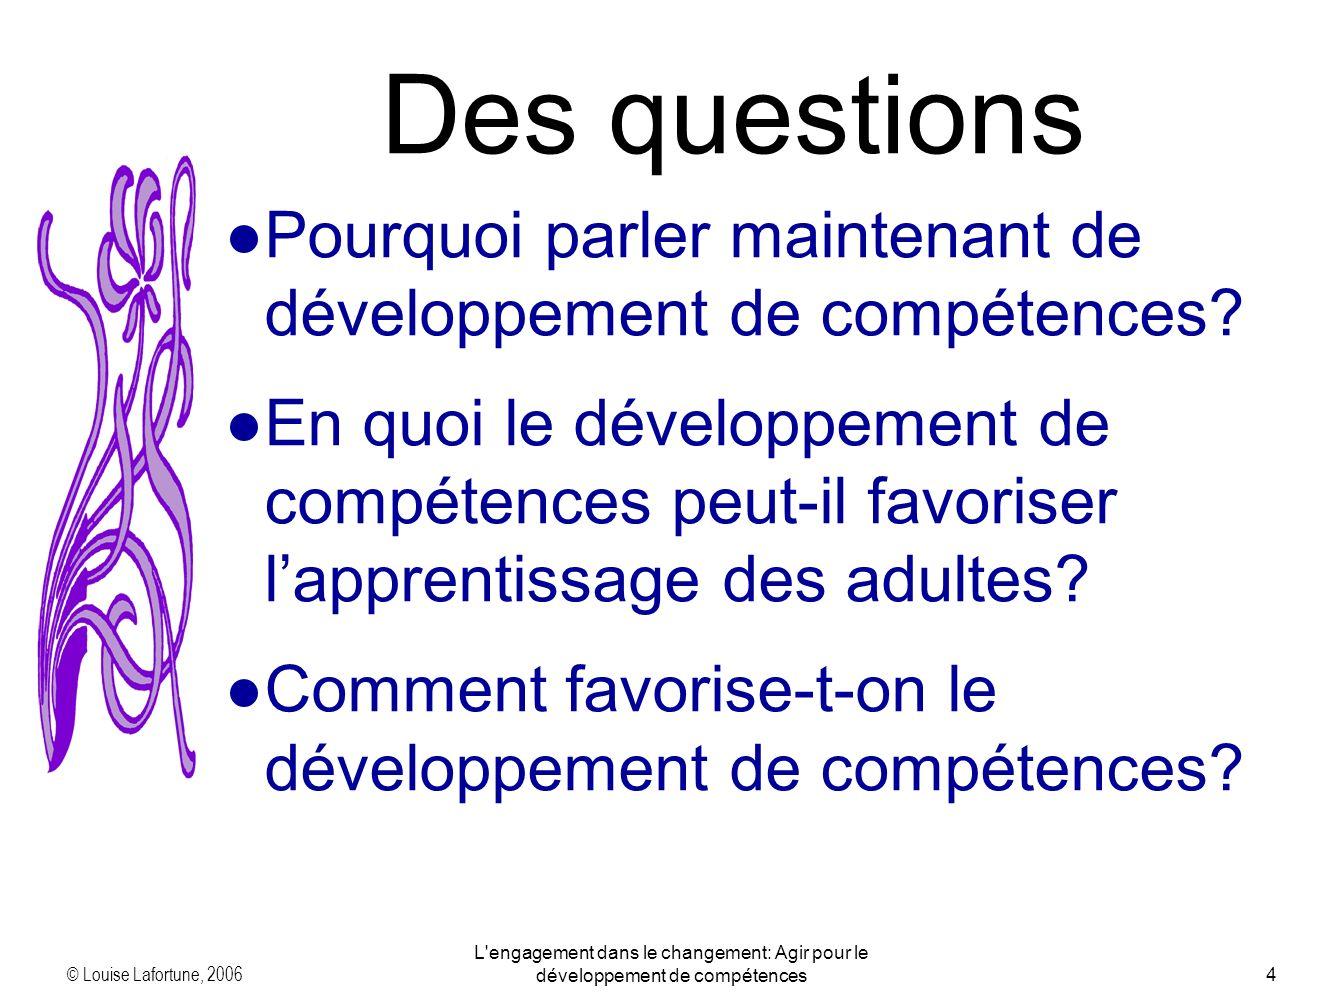 © Louise Lafortune, 2006 L'engagement dans le changement: Agir pour le développement de compétences4 Des questions Pourquoi parler maintenant de dével